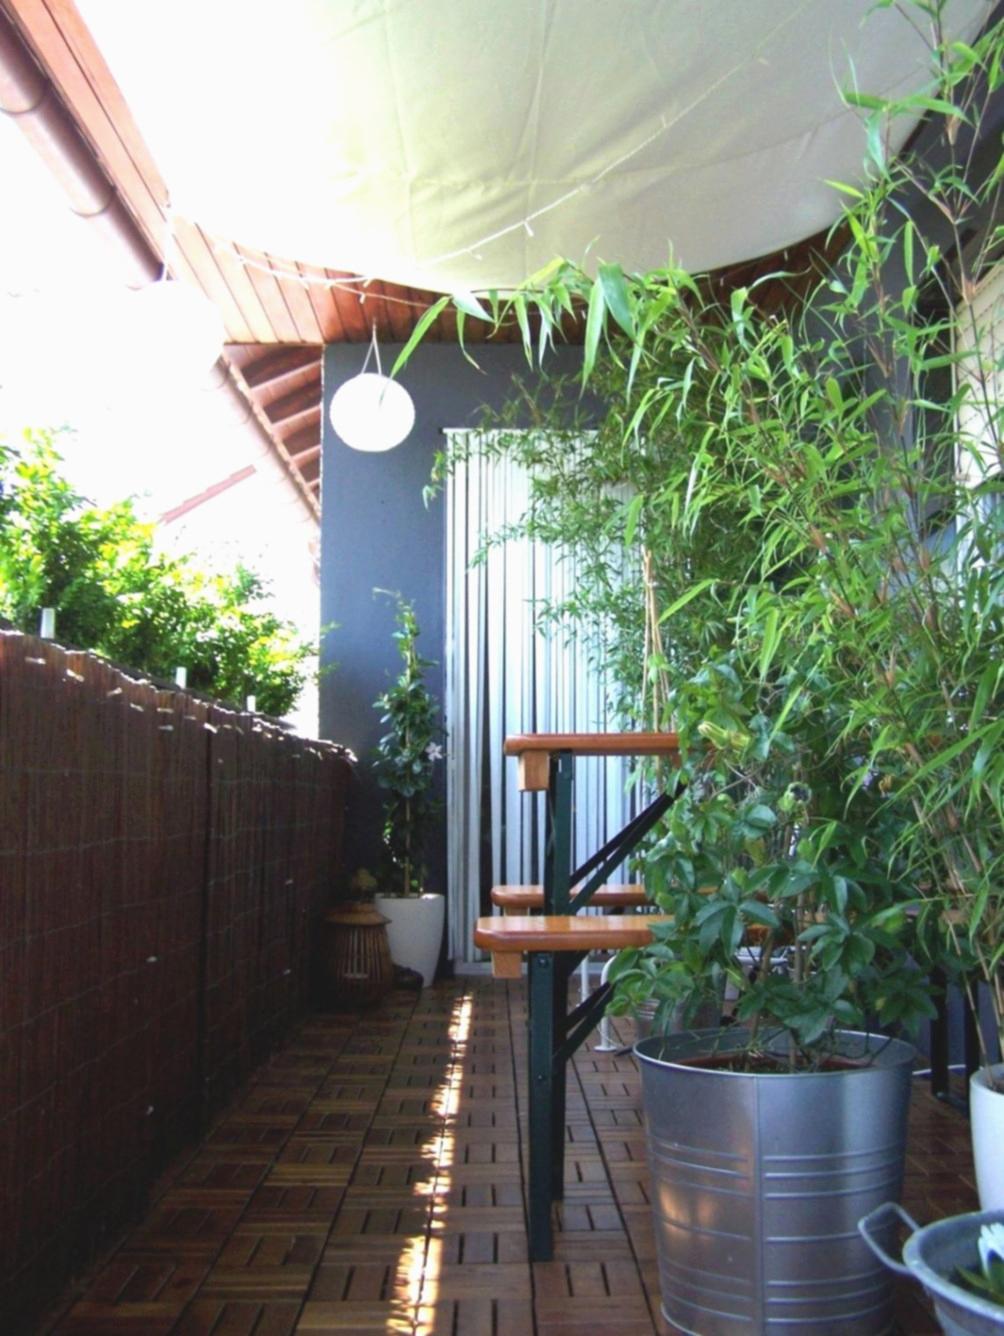 schmalen balkon gestalten luxus balkon gestalten mit wenig geld best garten gestalten mit wenig geld of schmalen balkon gestalten